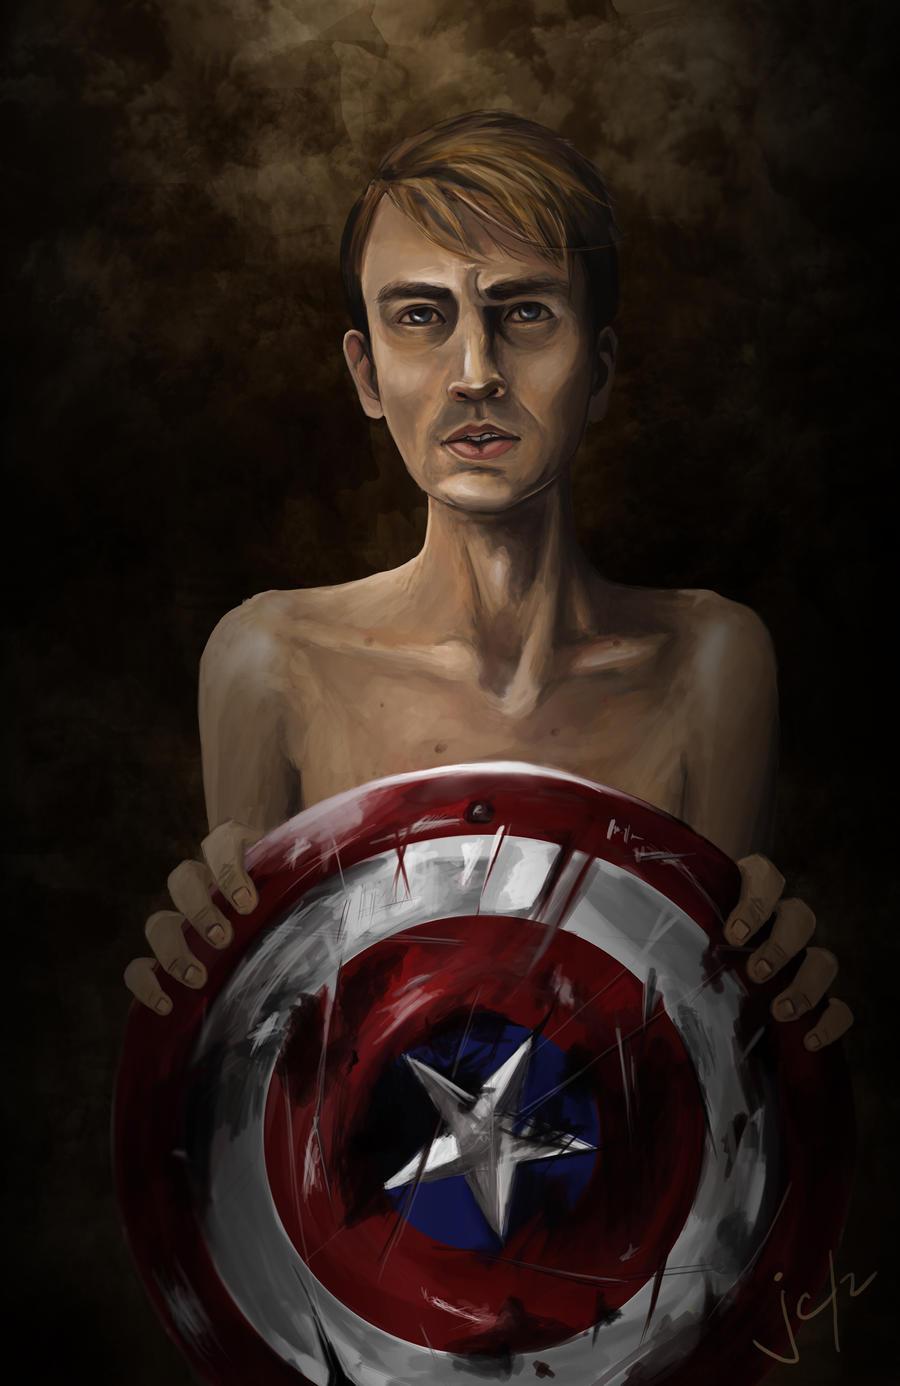 Steve Rogers, aka Captain America